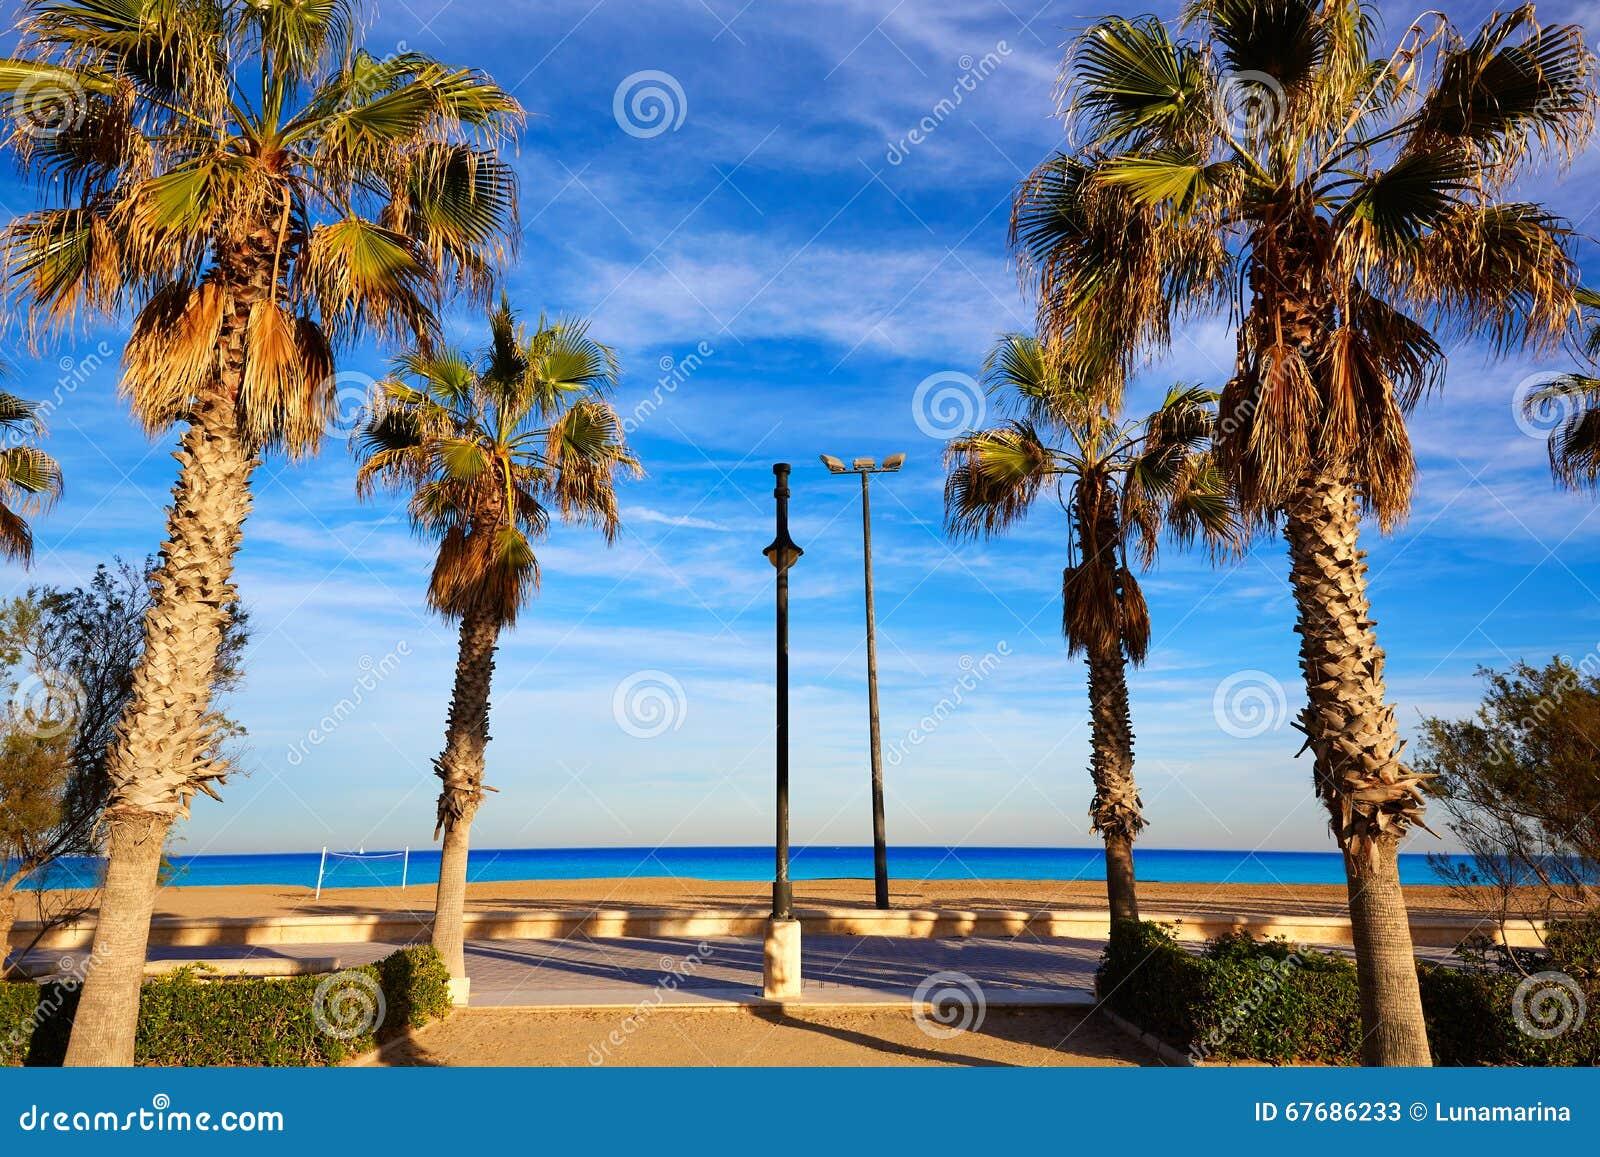 Palme della spiaggia di valencia la malvarrosa spagna for Spiaggia malvarrosa valencia